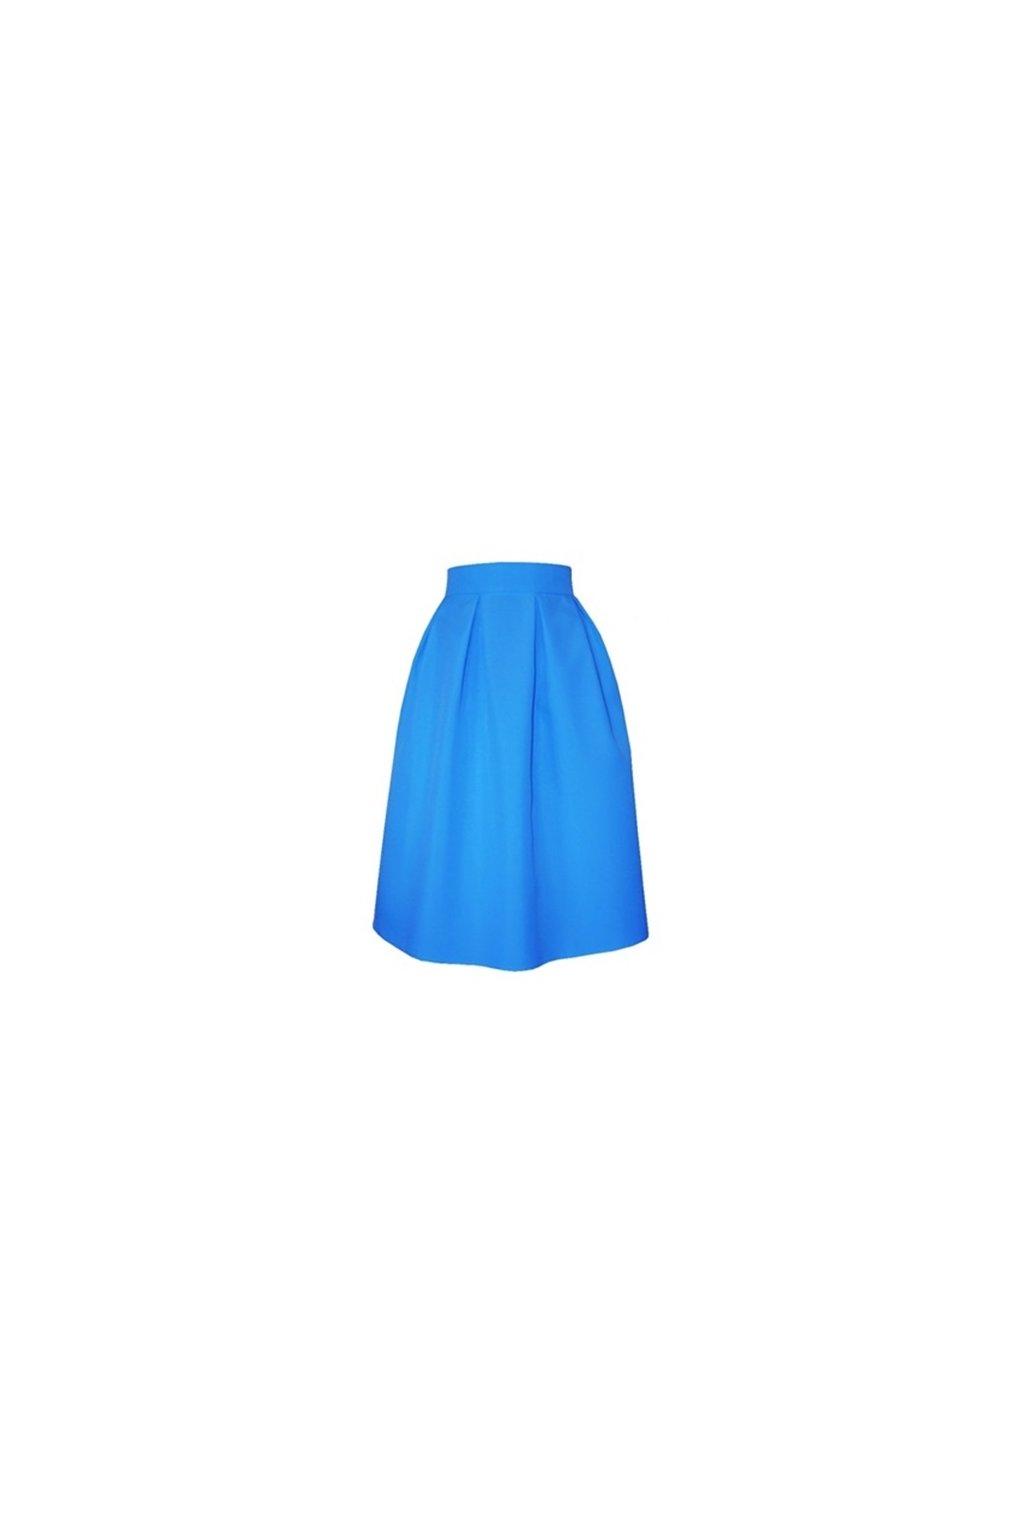 cb7126c892b4 Áčková sukňa s protizáhybmi modrá - Tentation.sk